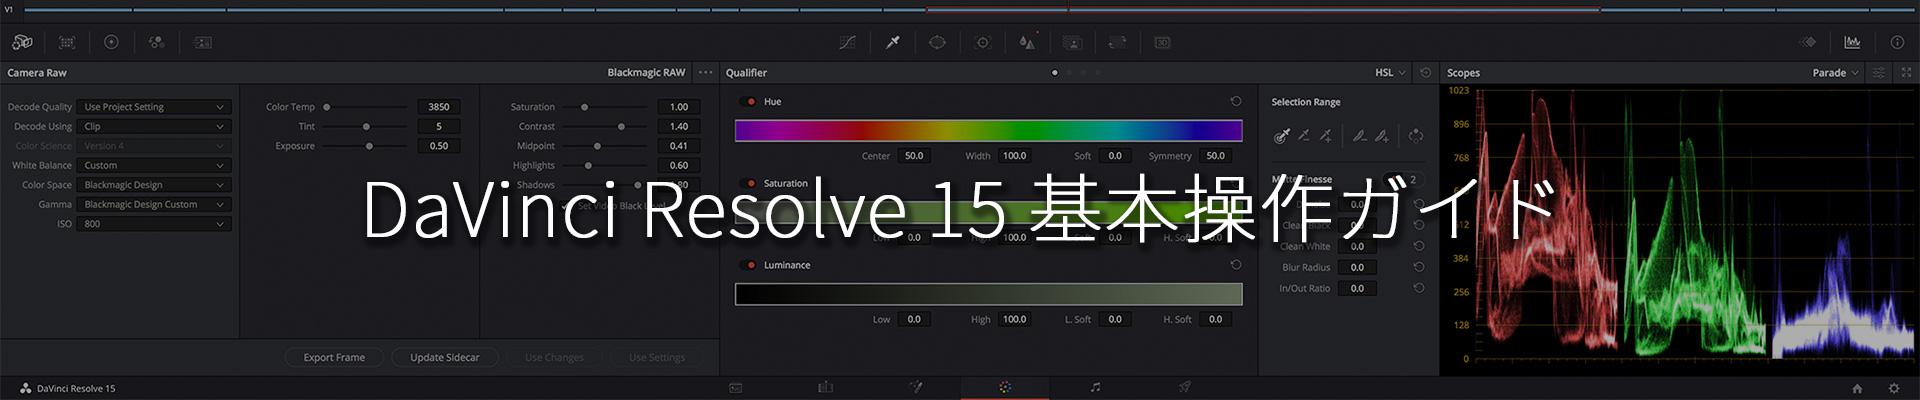 DaVinci Resolve 15 基本操作ガイド